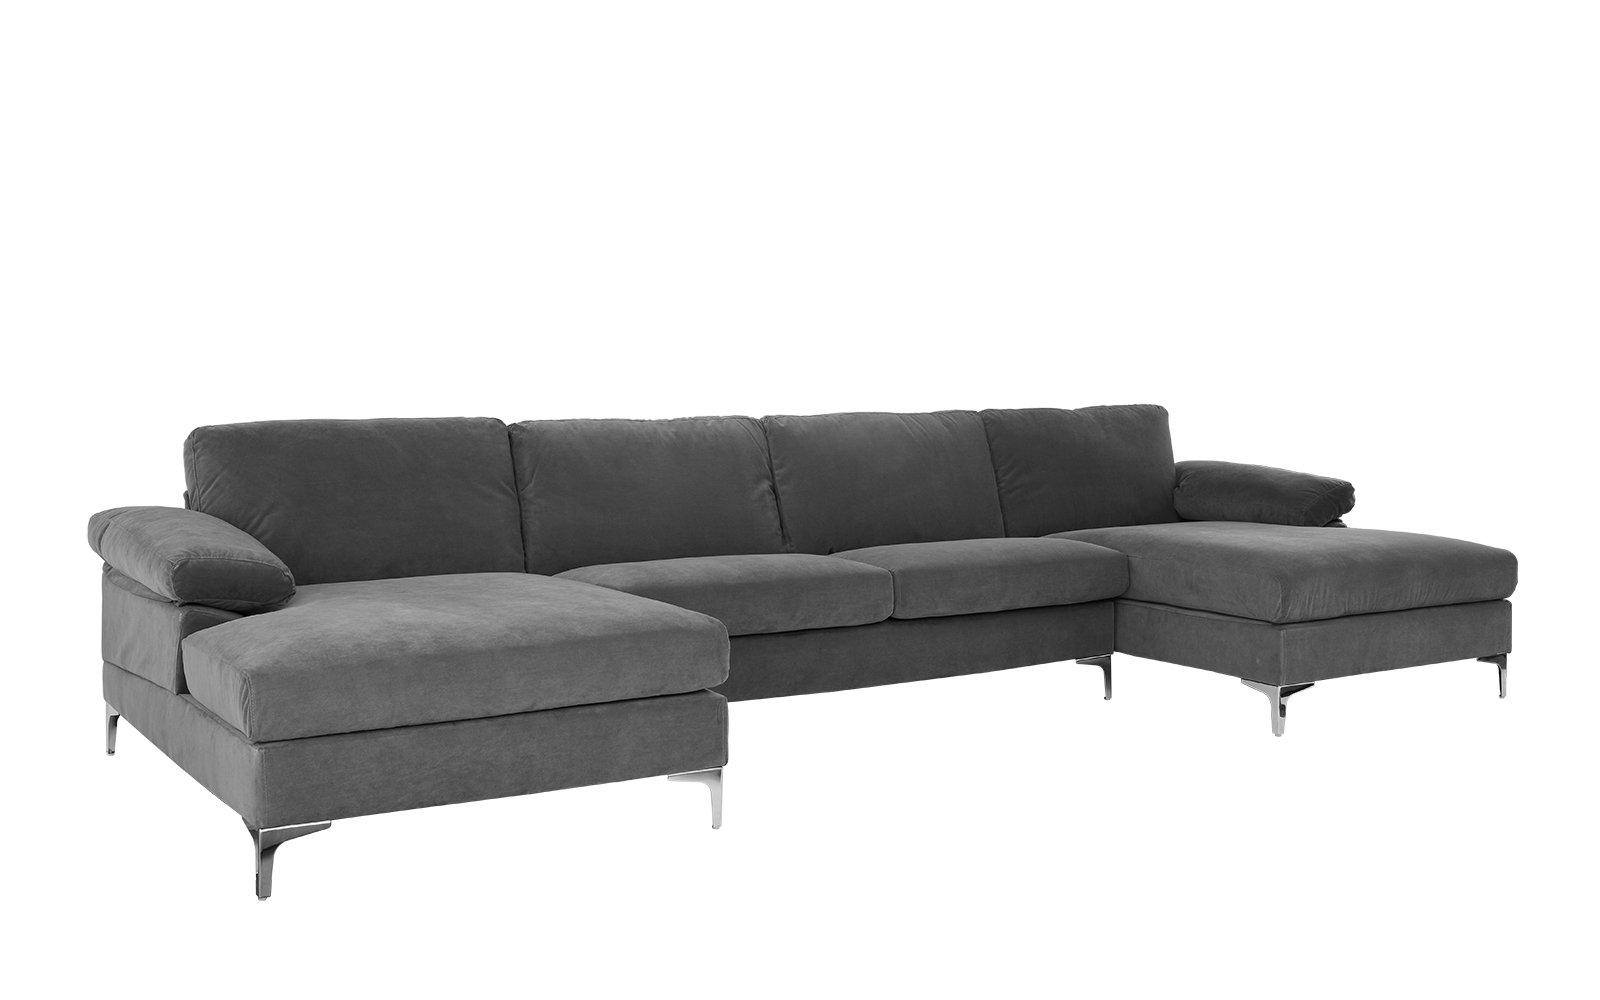 Amanda Xl Modern Velvet Oversized Sectional Sofa Sectional Sofa